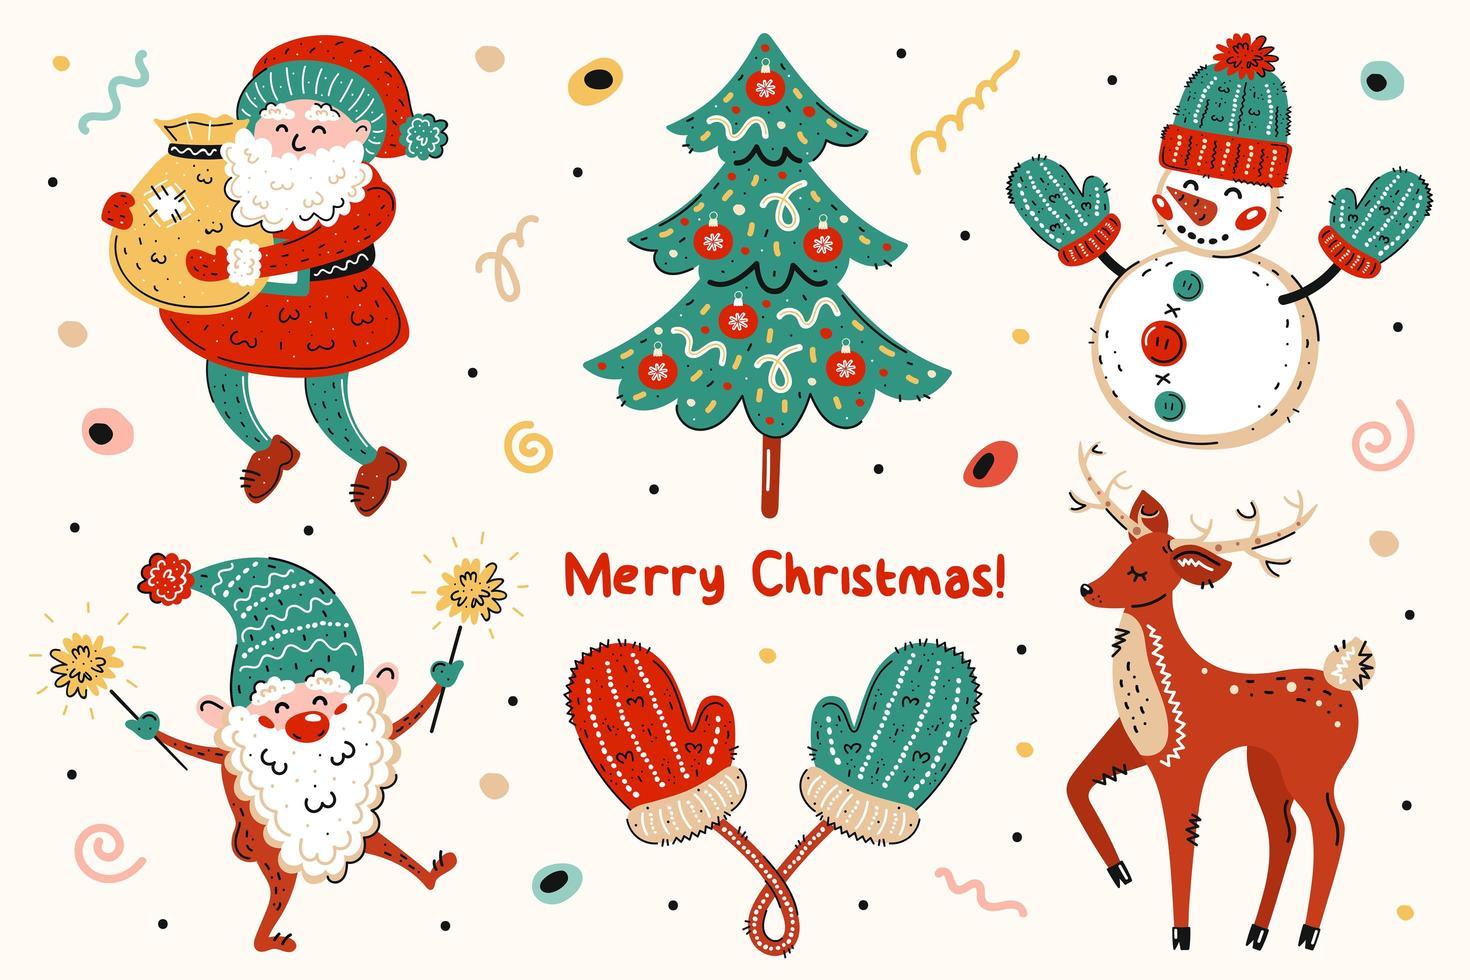 Kerstman, kerstboom, sneeuwpop, elf, wanten, hertenset vector